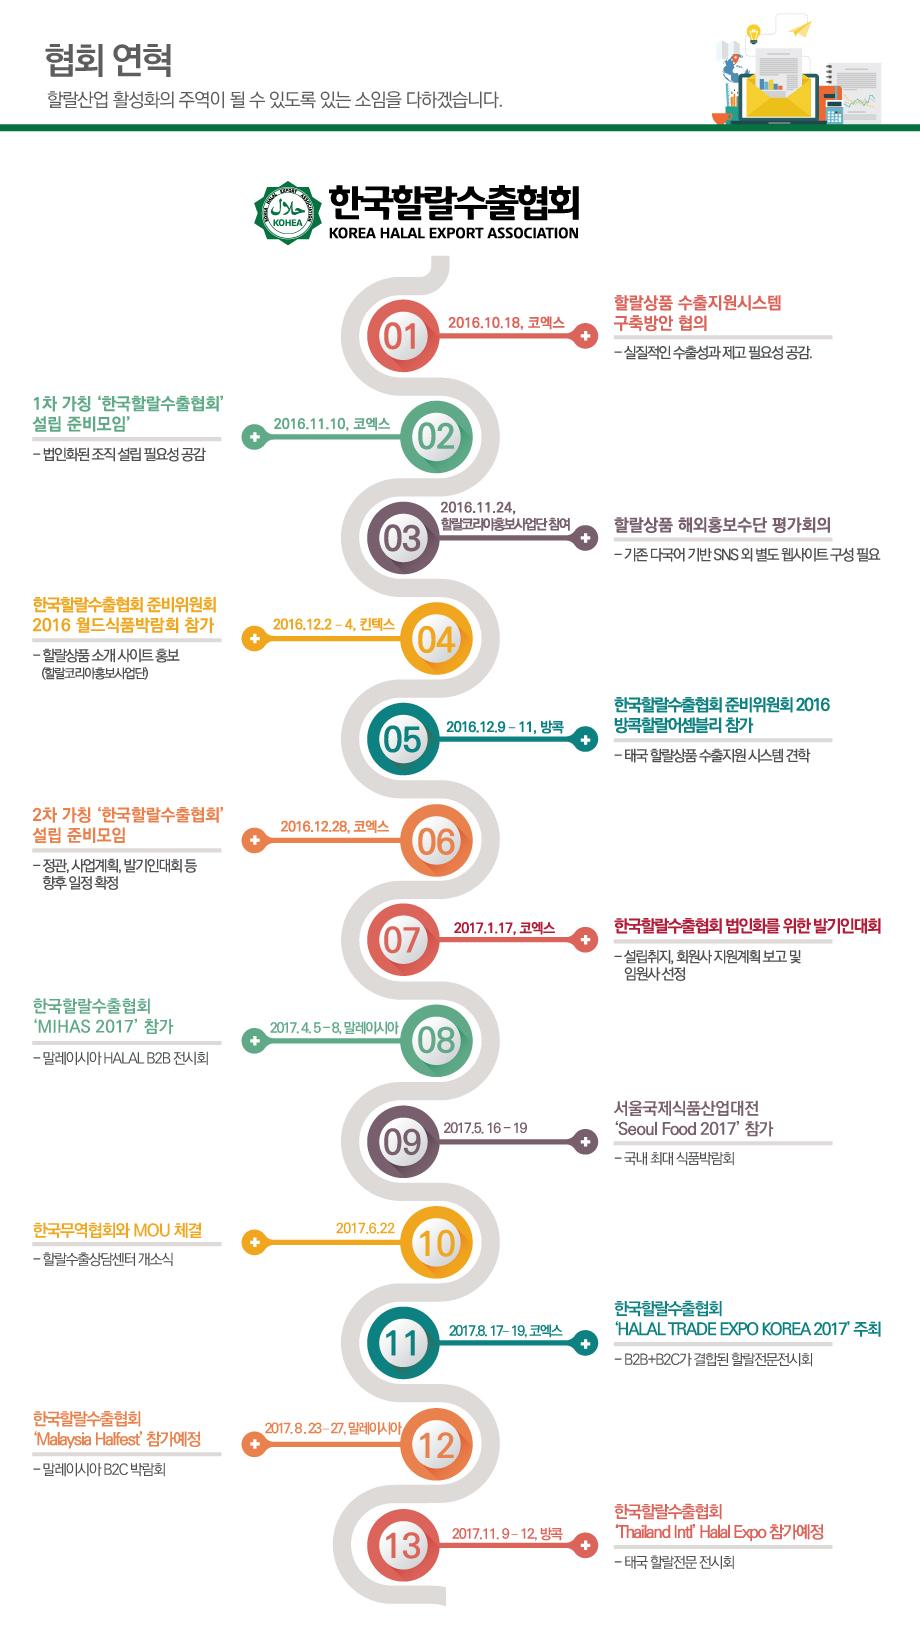 할랄수출협회-콘텐츠.jpg